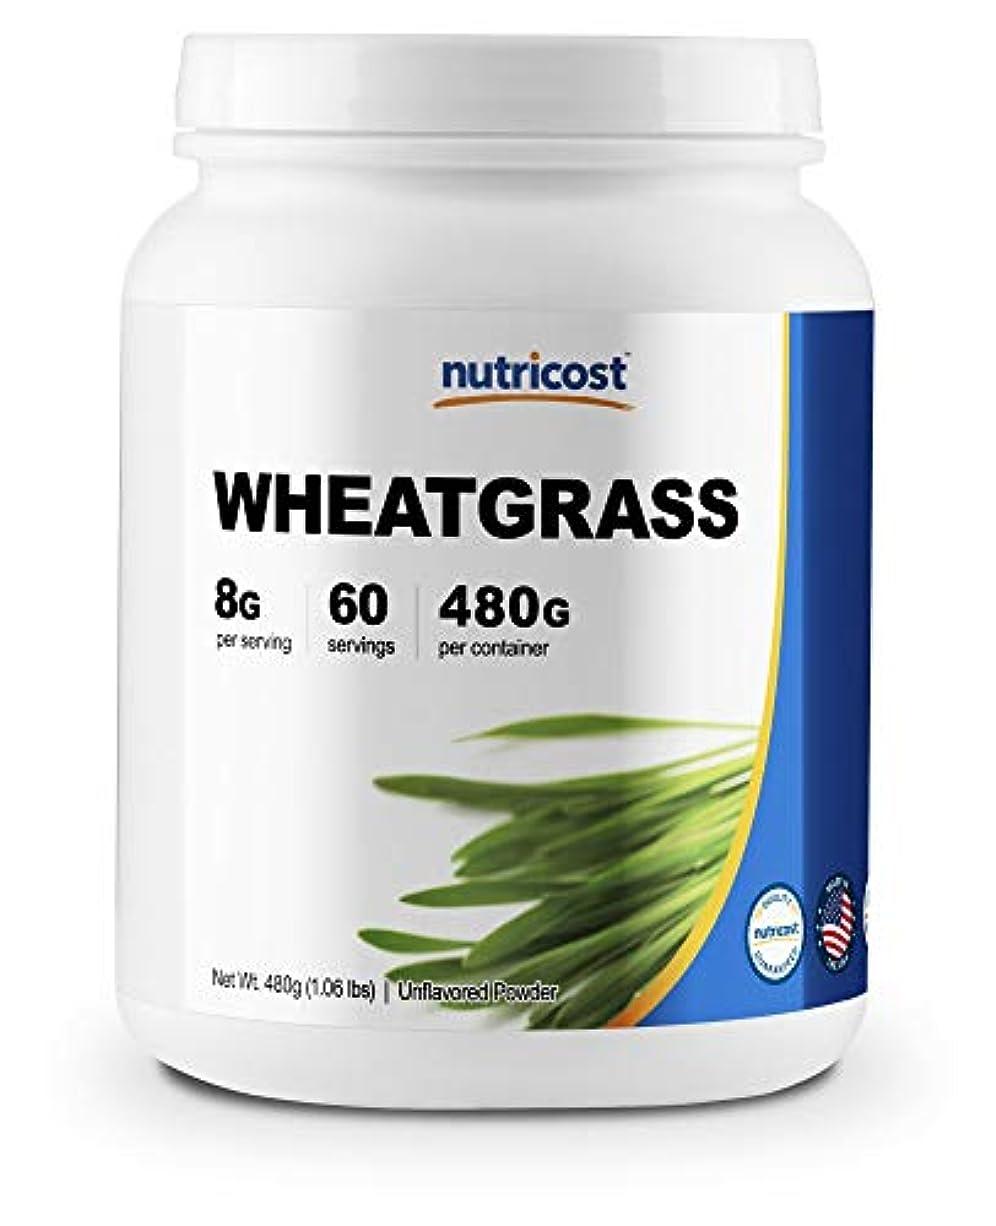 フィルタ花ランプNutricost ウィートグラスパウダー (小麦若葉)、60食分、非GMO、グルテンフリー